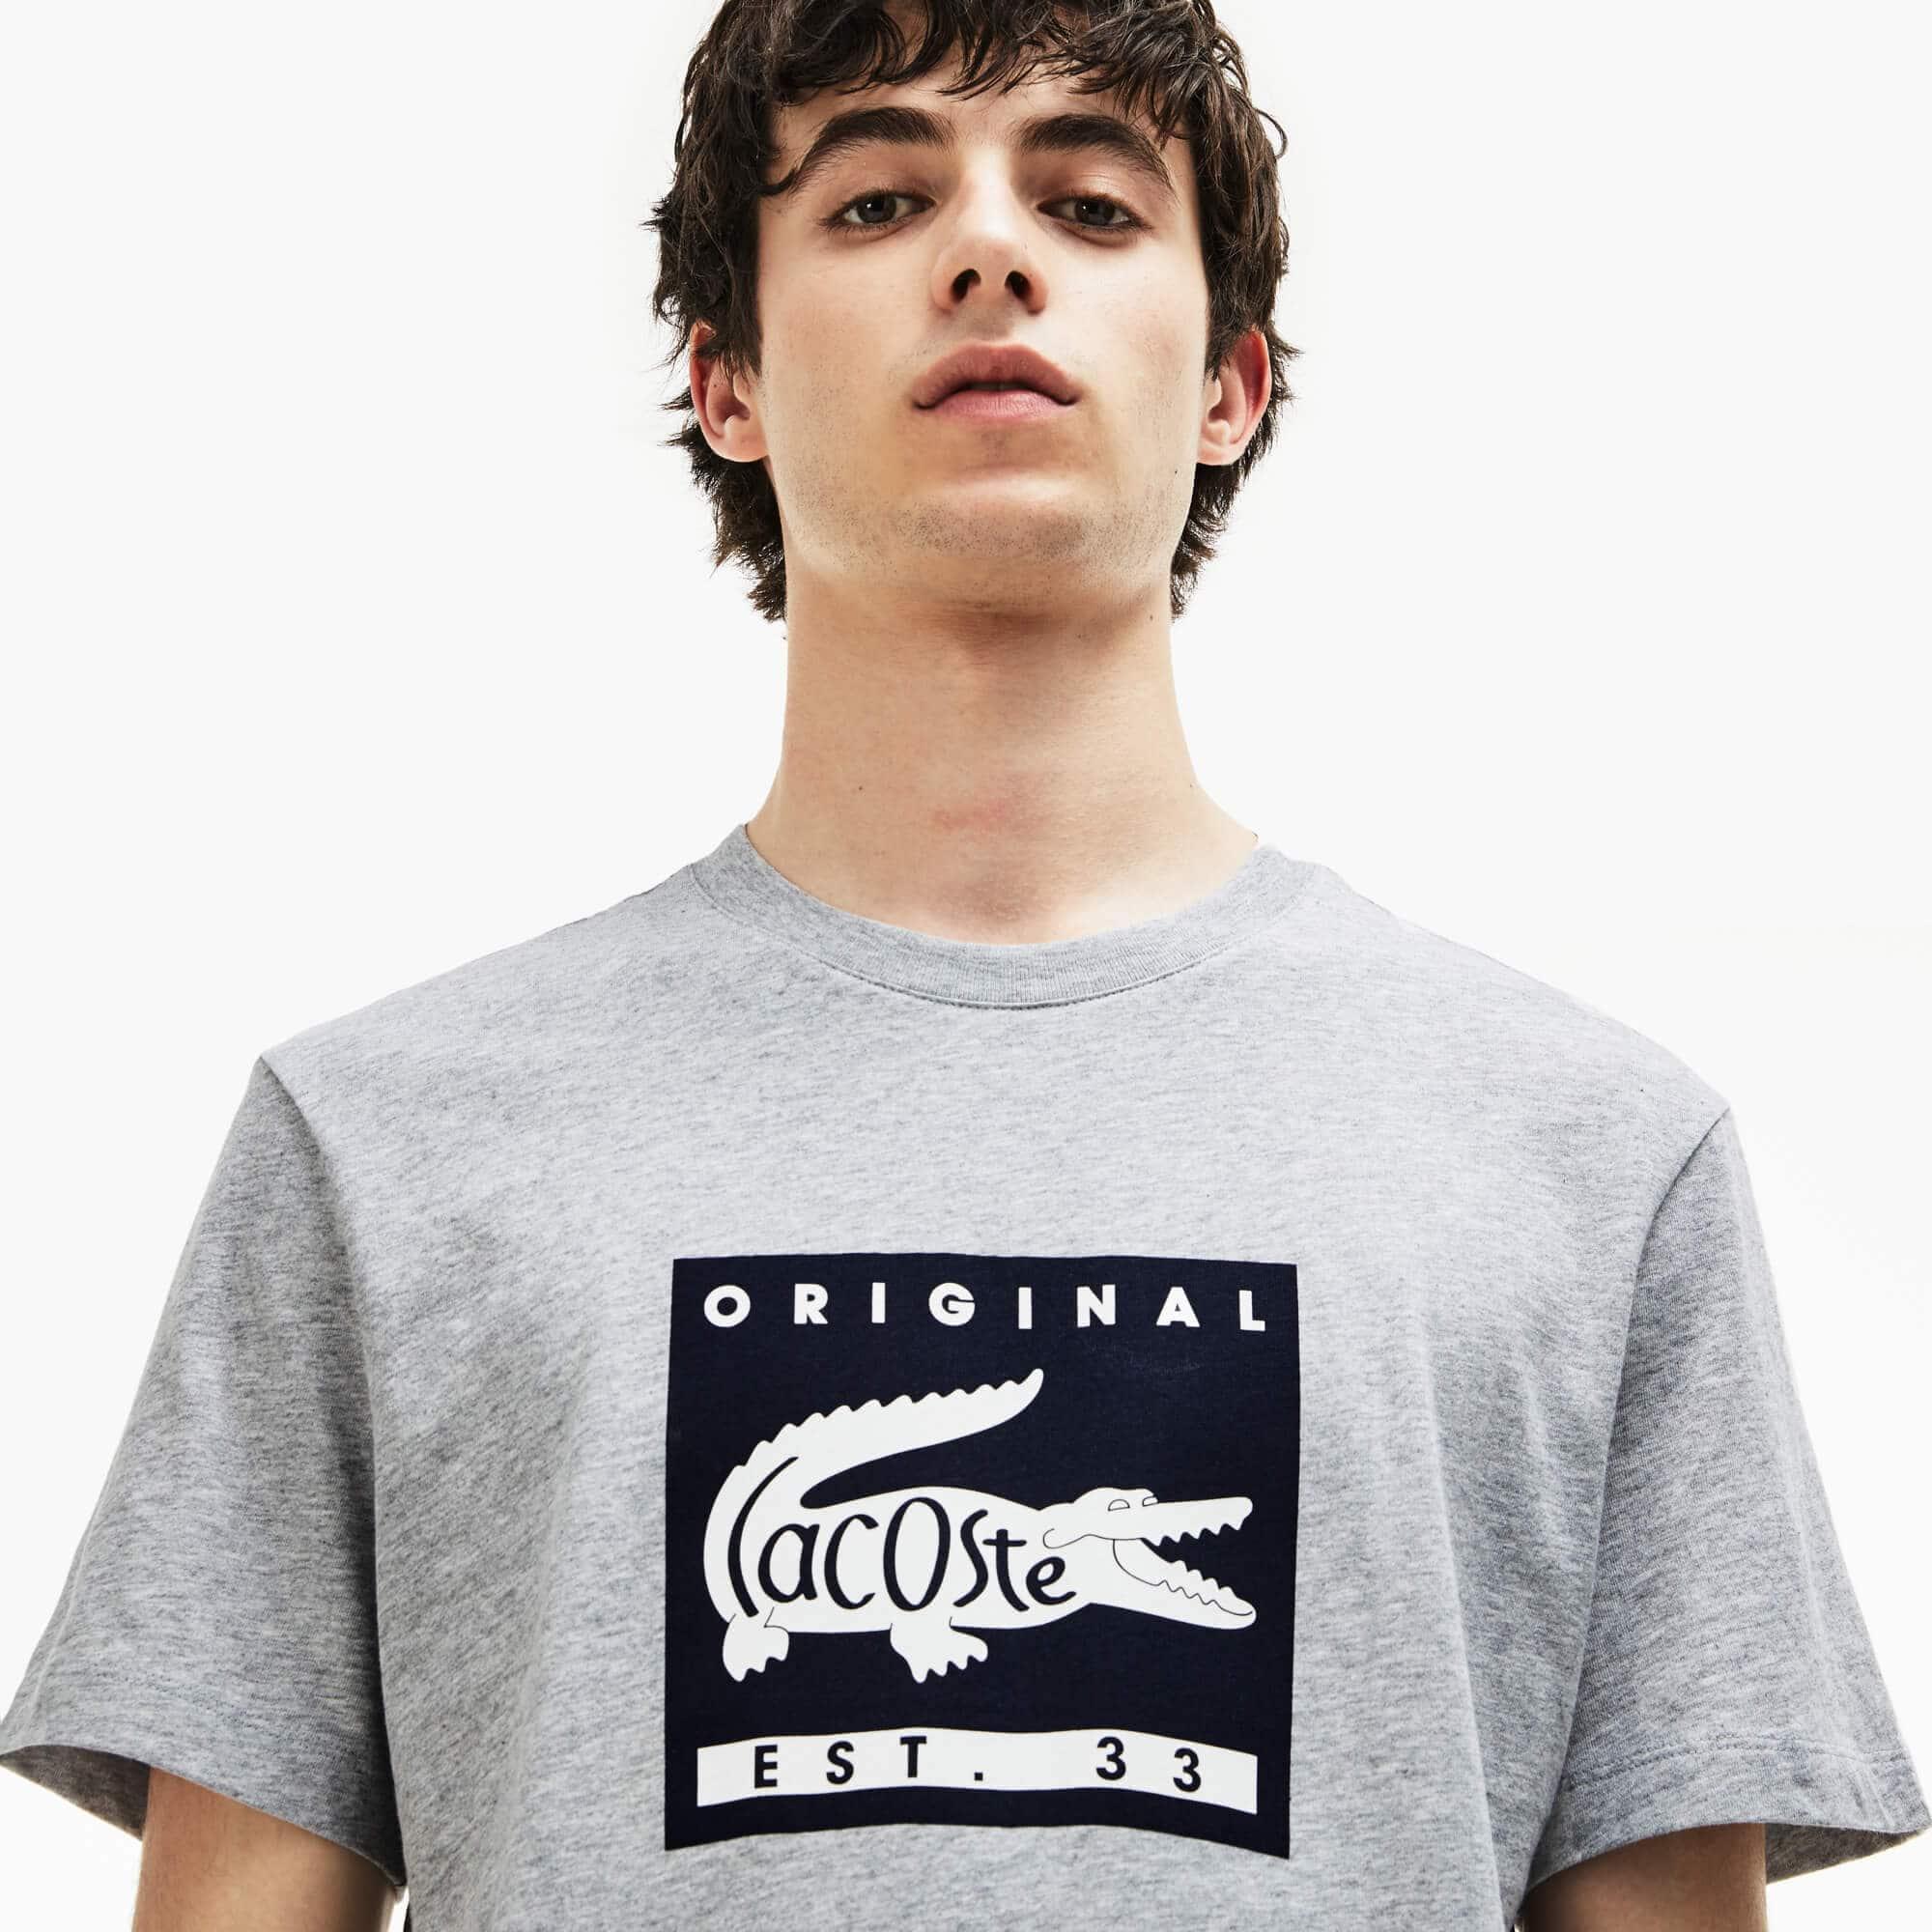 Men's Crew Neck Lacoste Original Lettering Jersey T-shirt